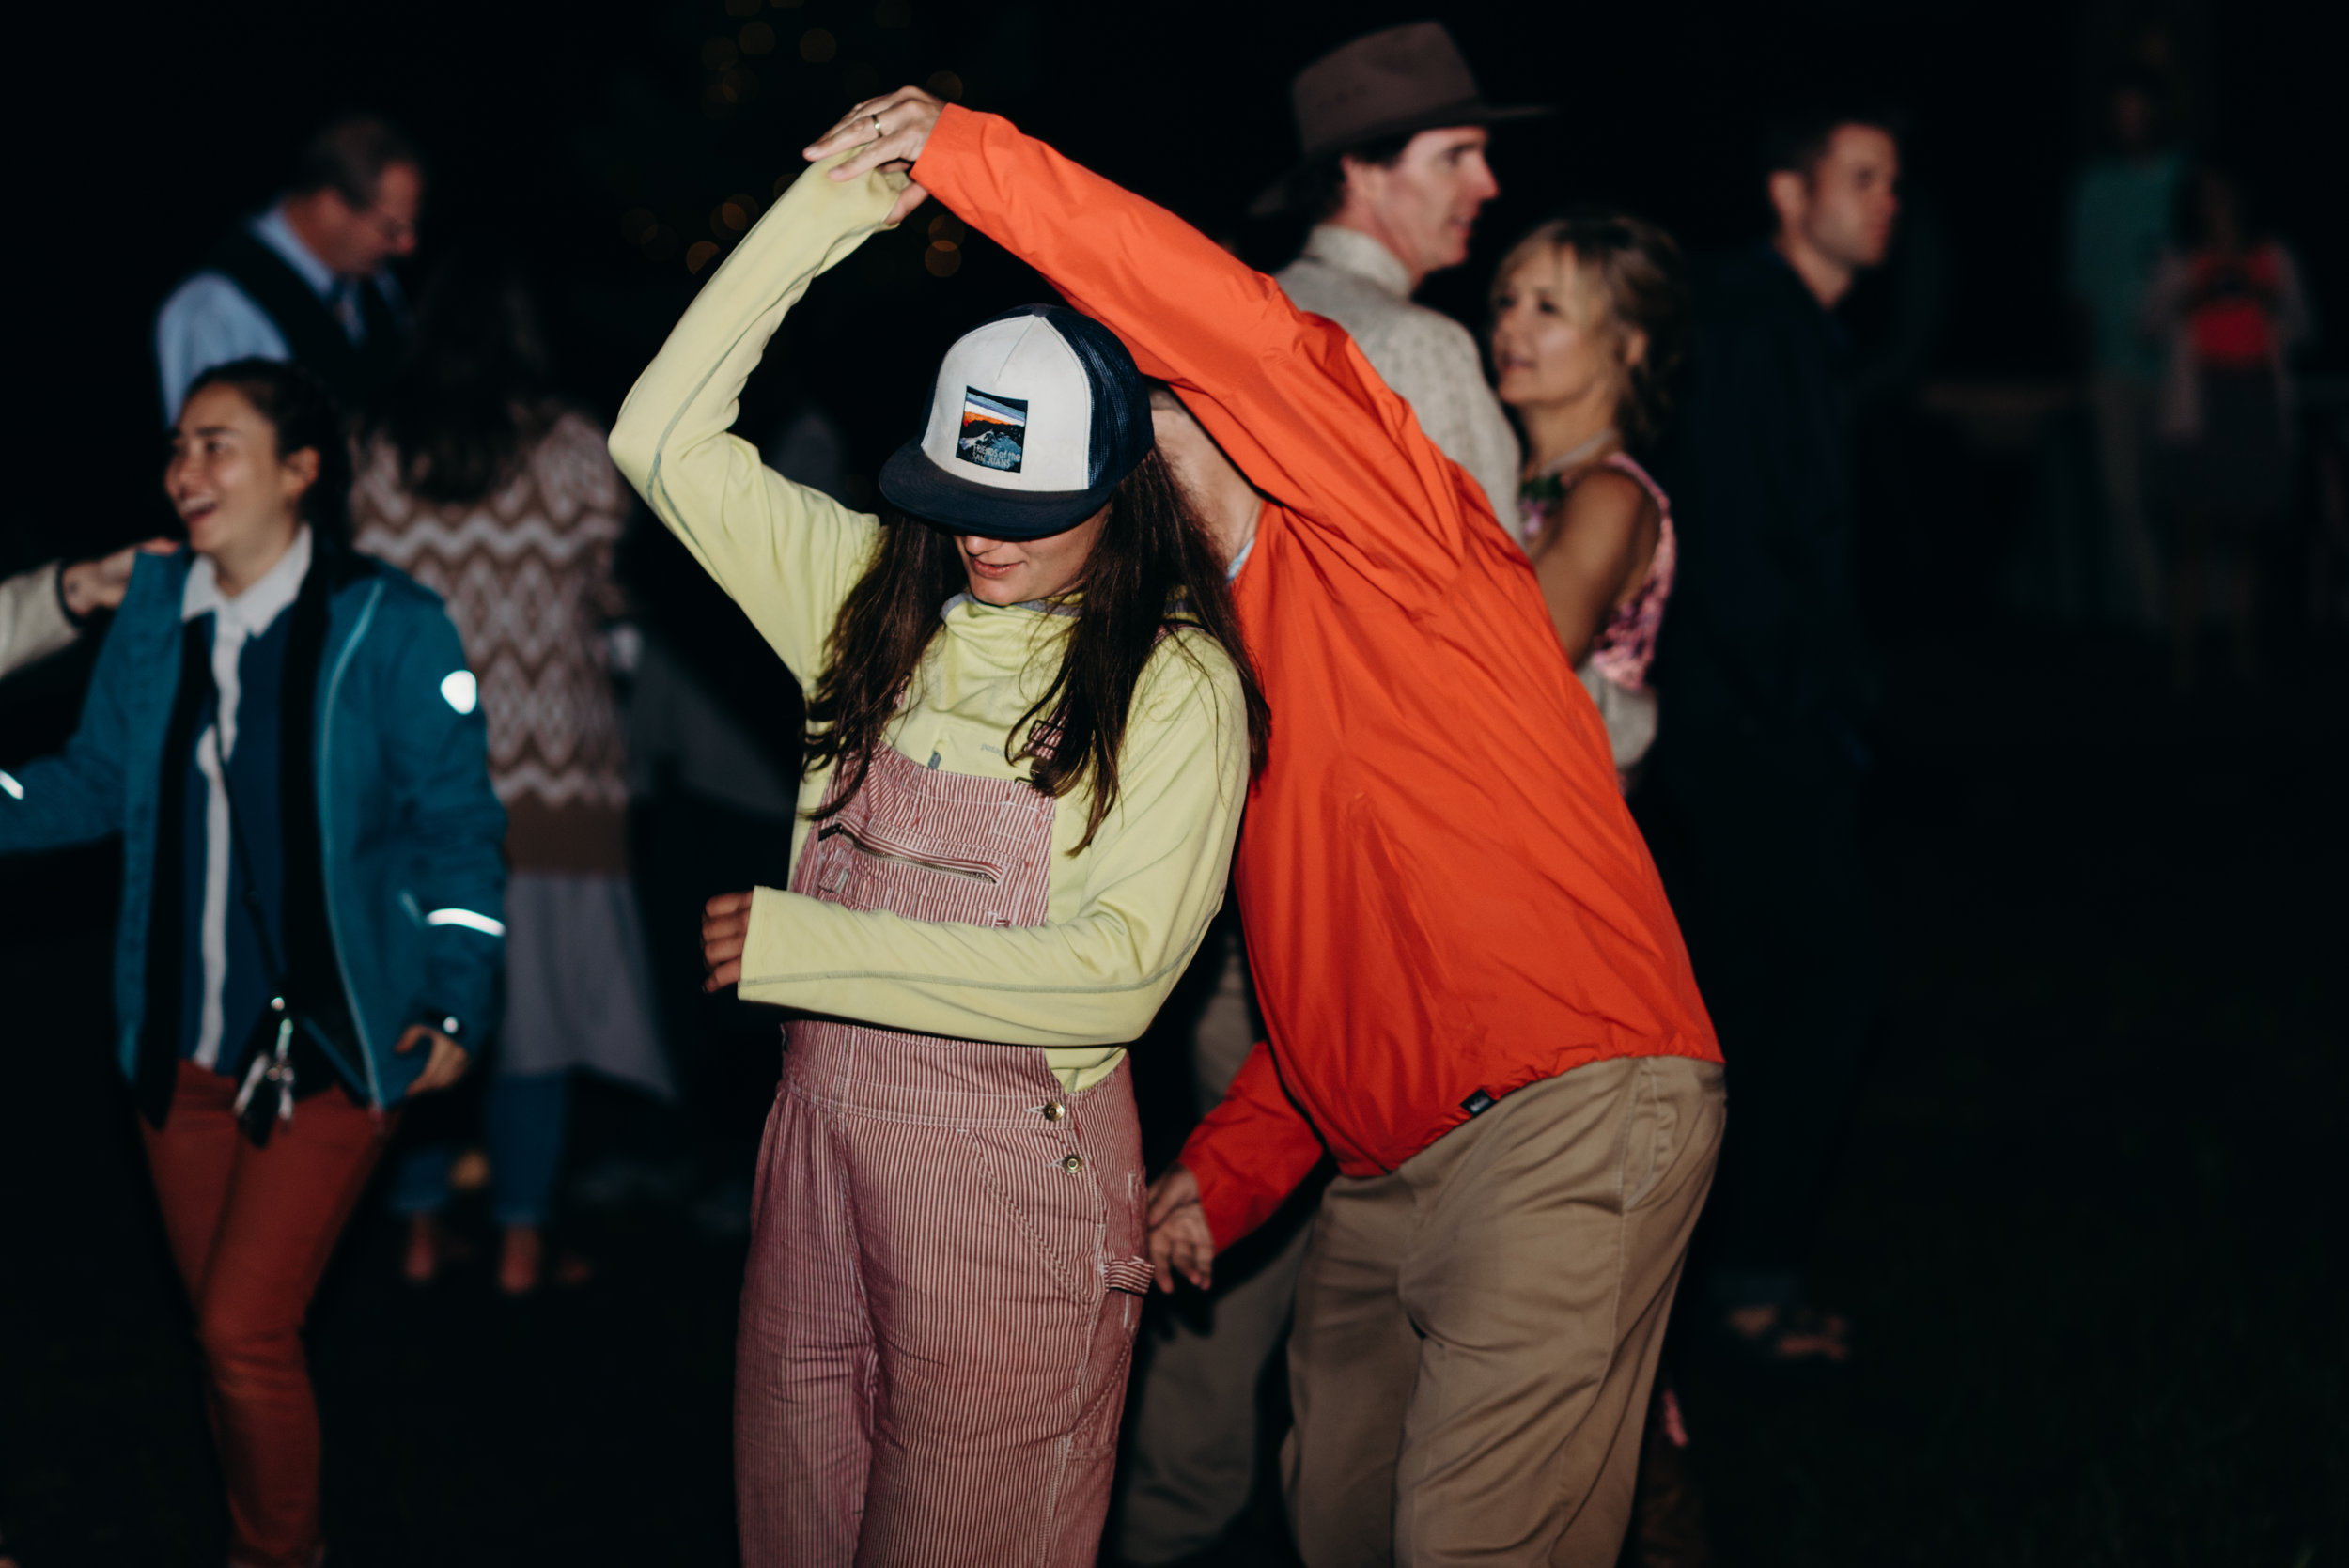 Dancing-43.jpg